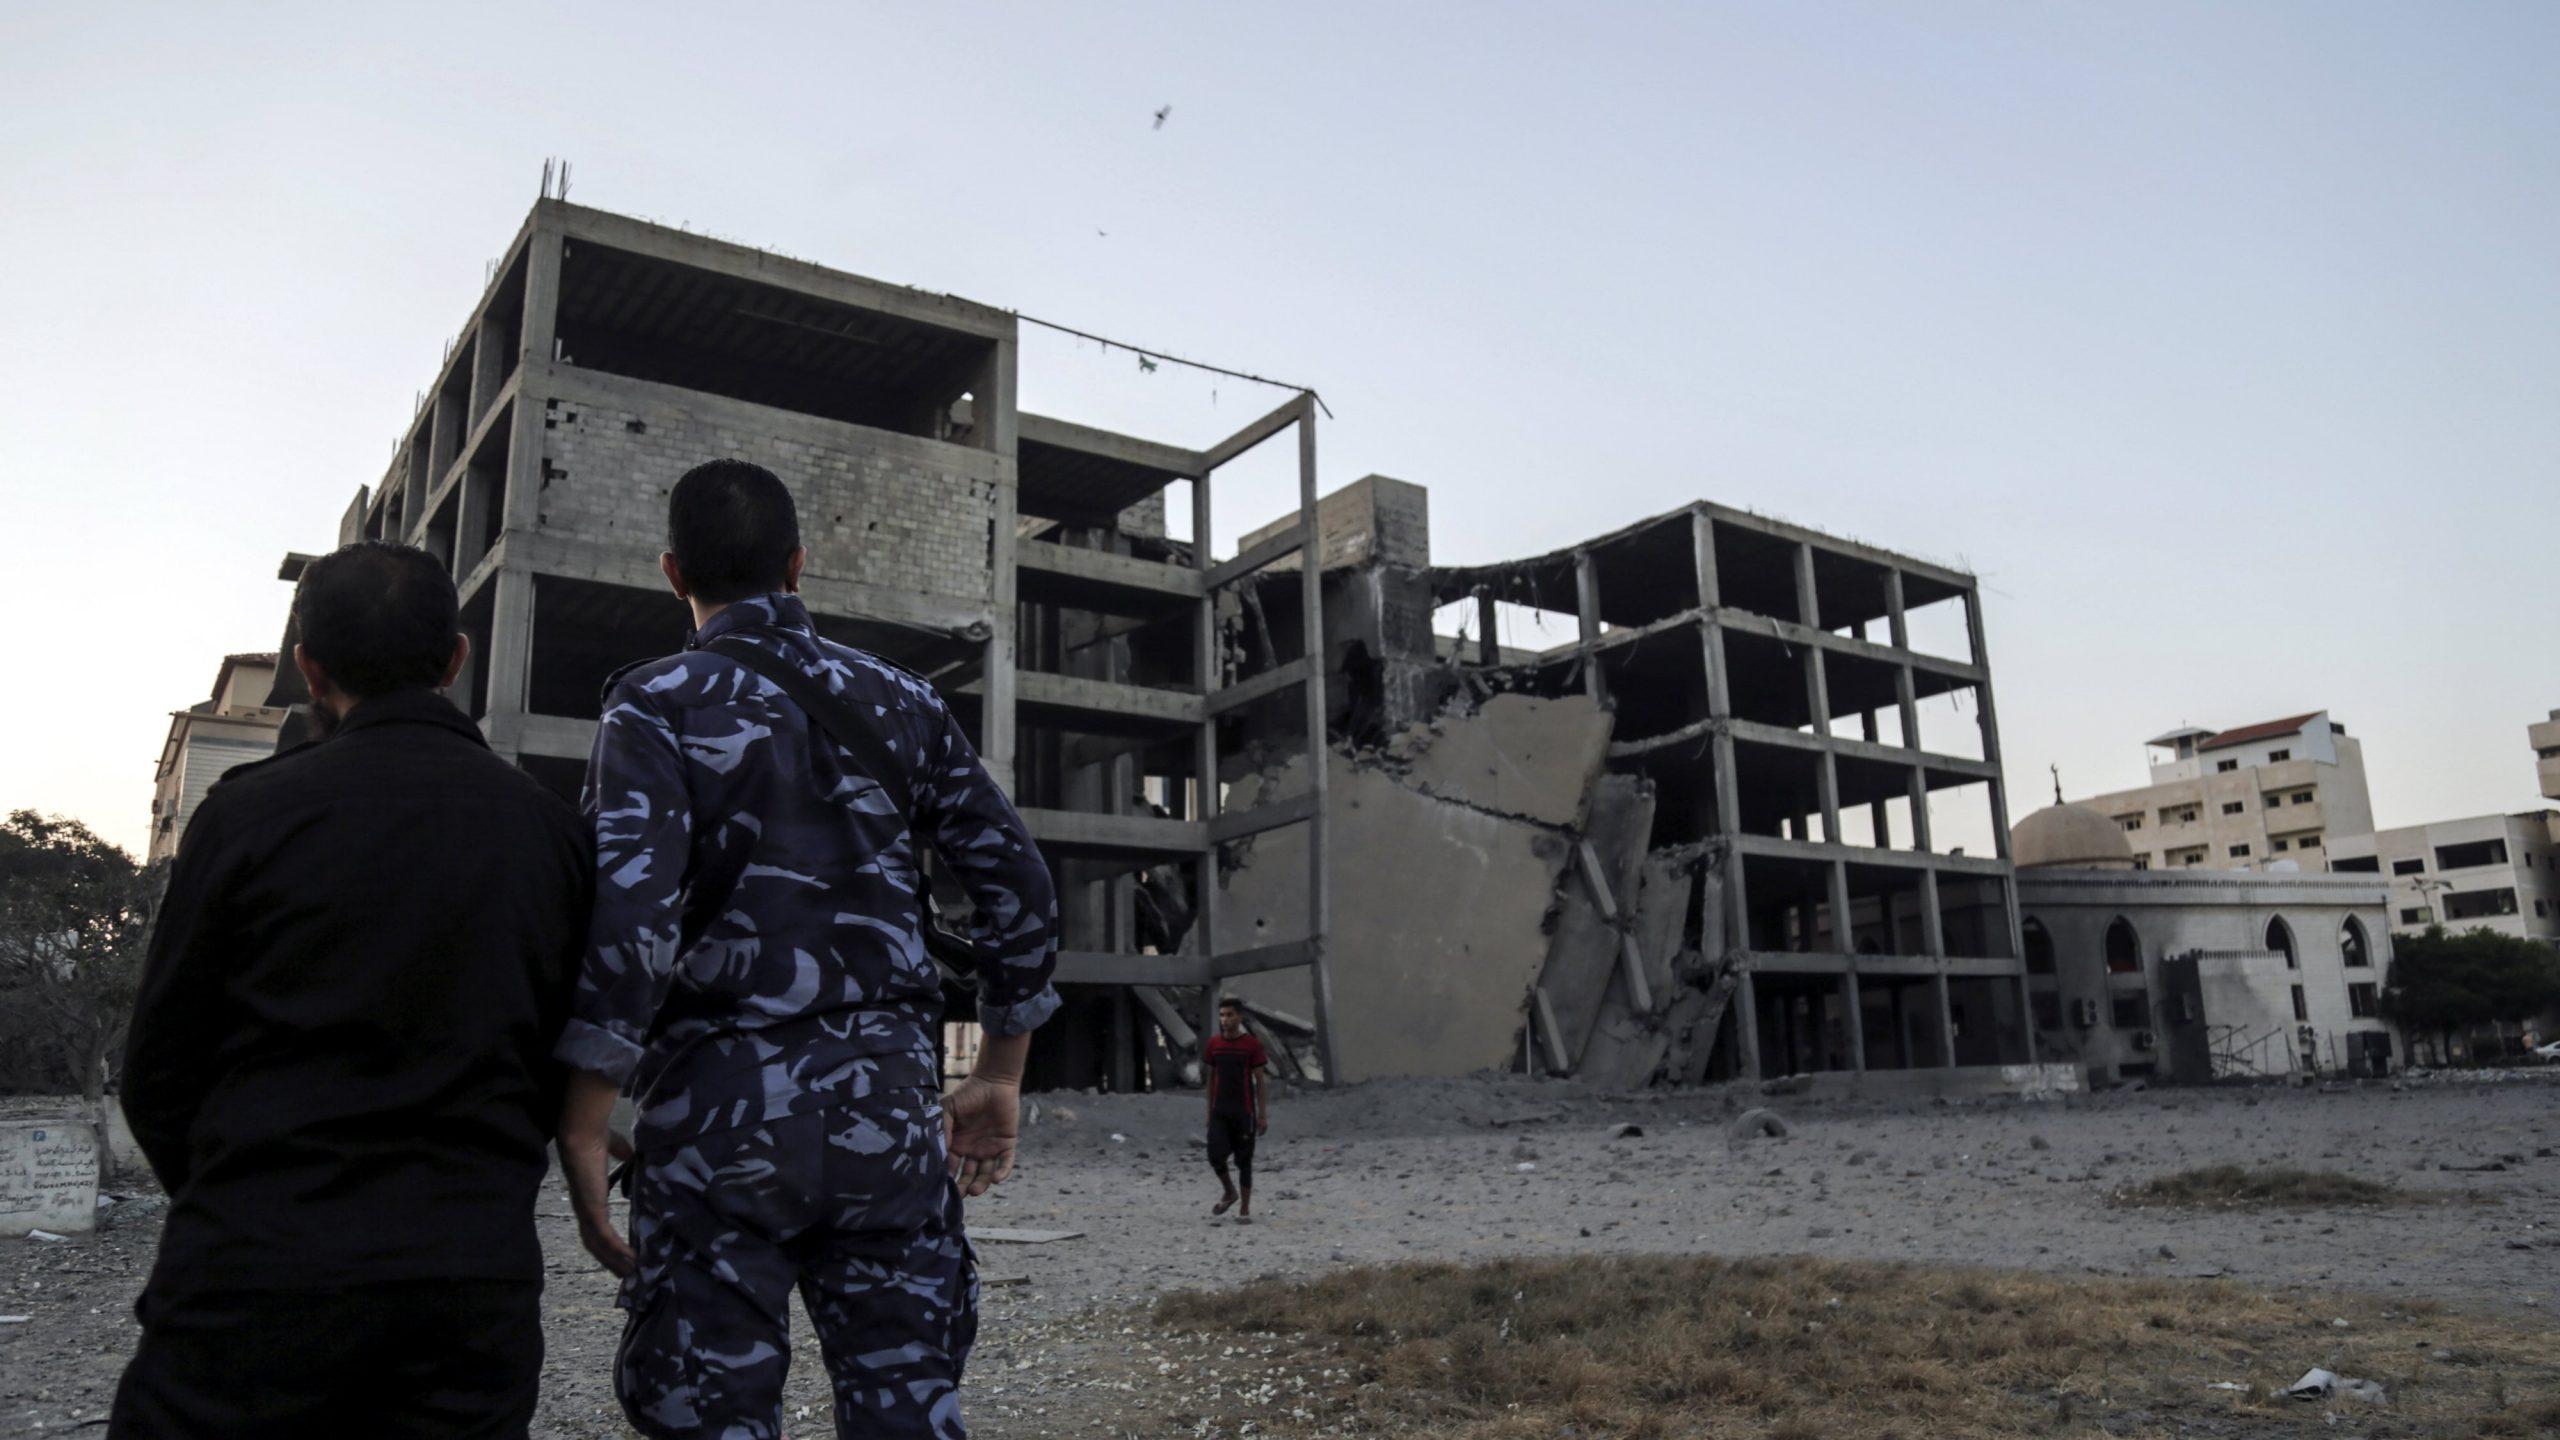 Izrael i Hamas žele da vrate mir u Pojas Gaze 1